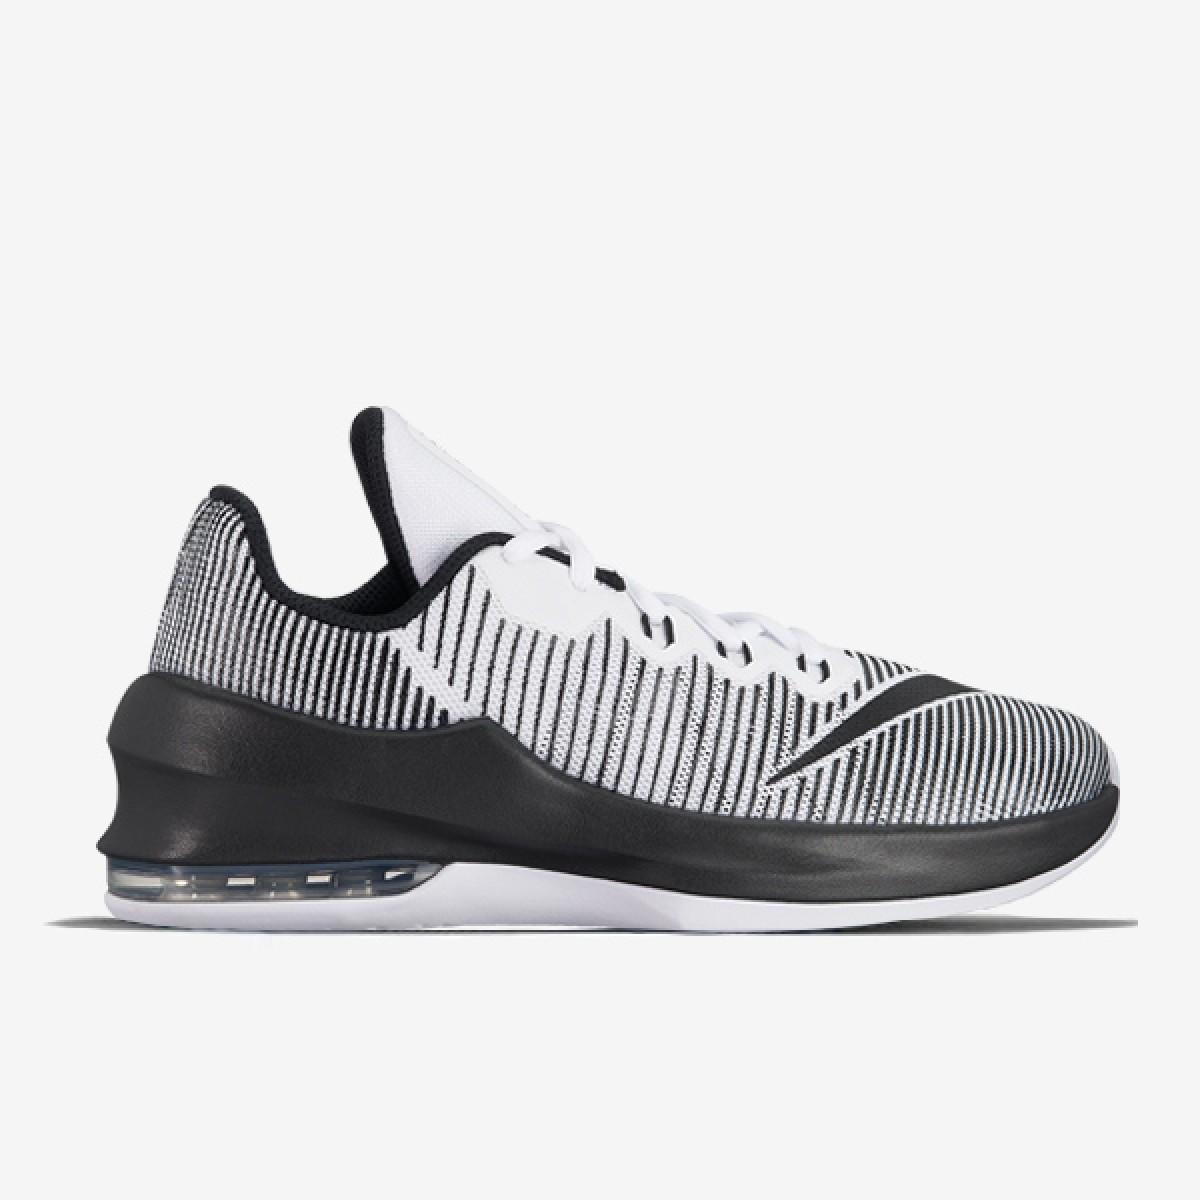 Nike Air Max Infuriate II 'B&W'